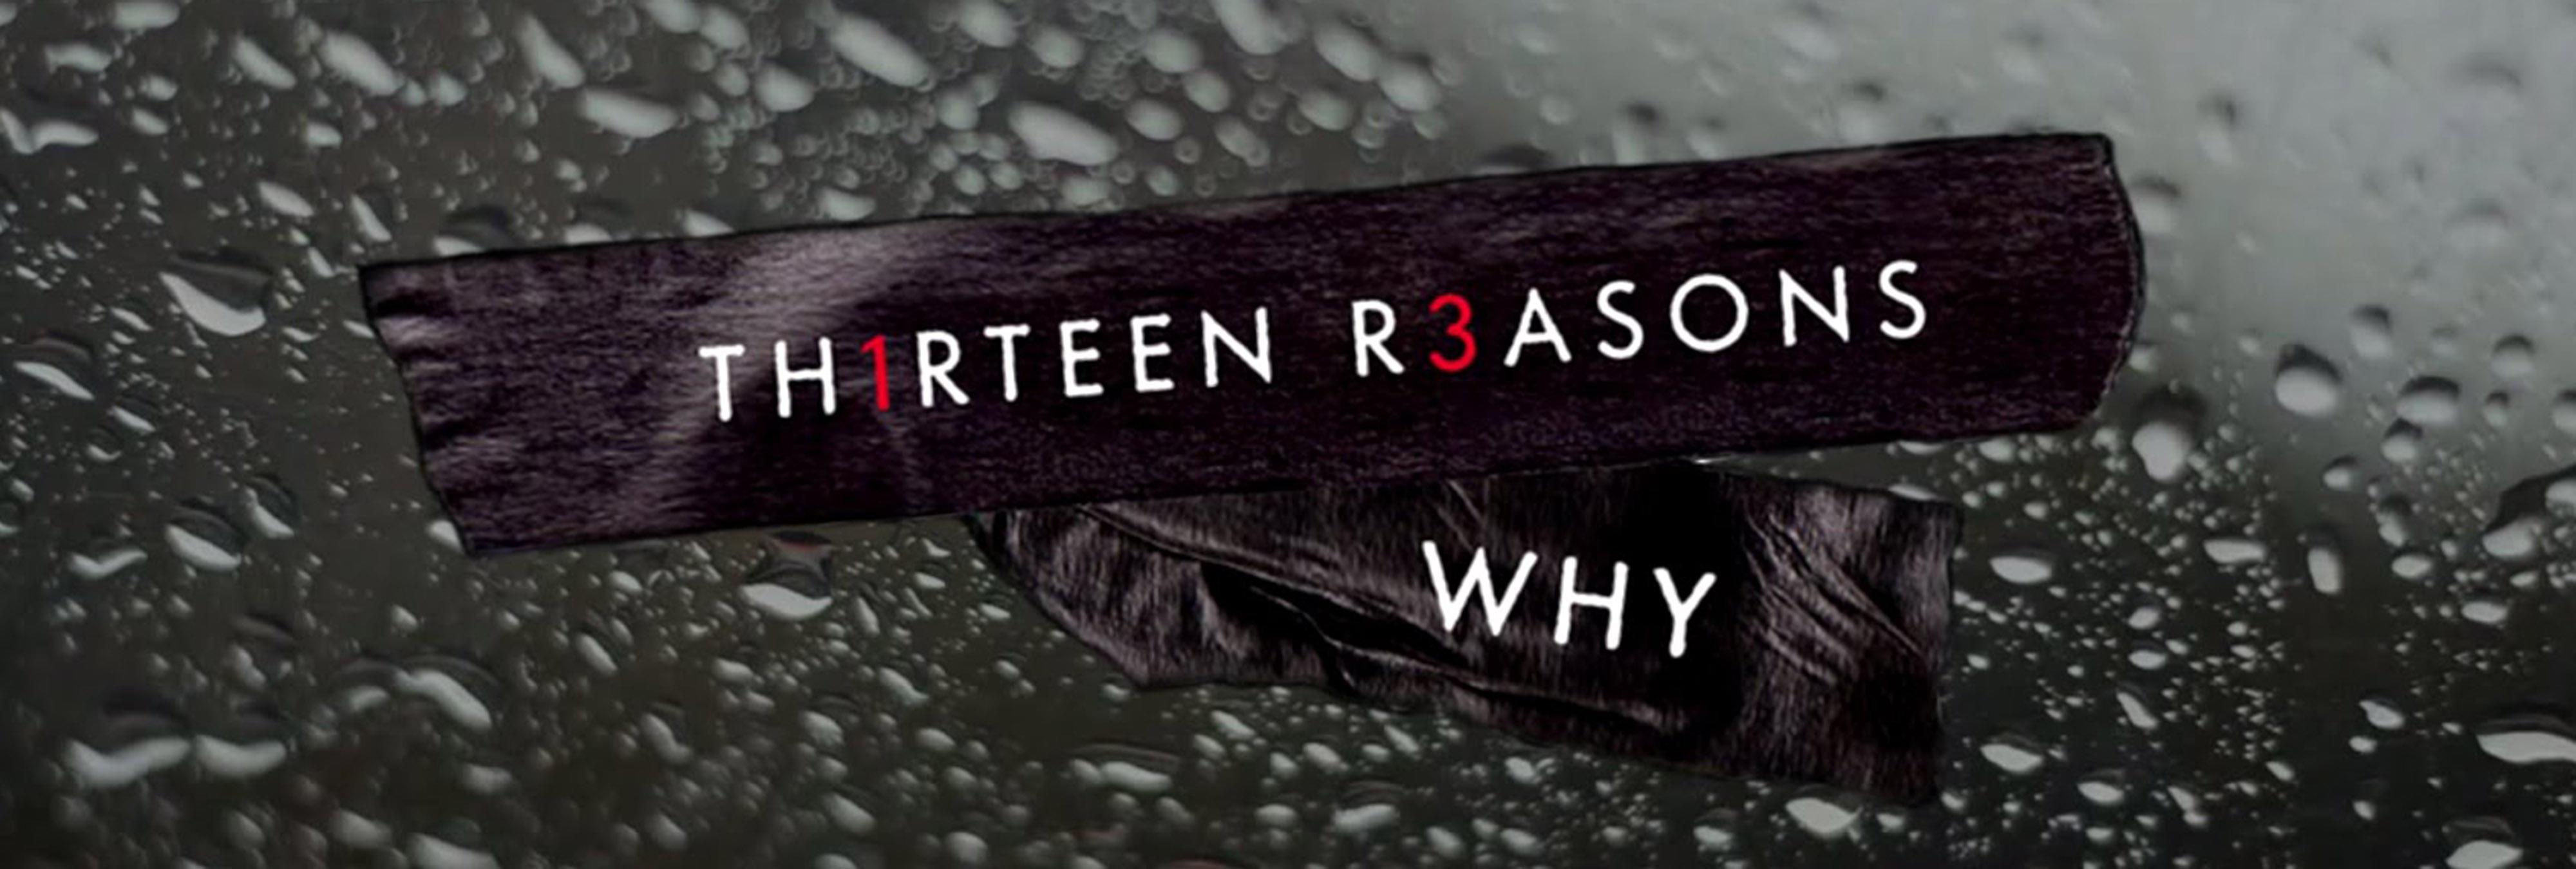 13 razones para ver '13 reasons why'